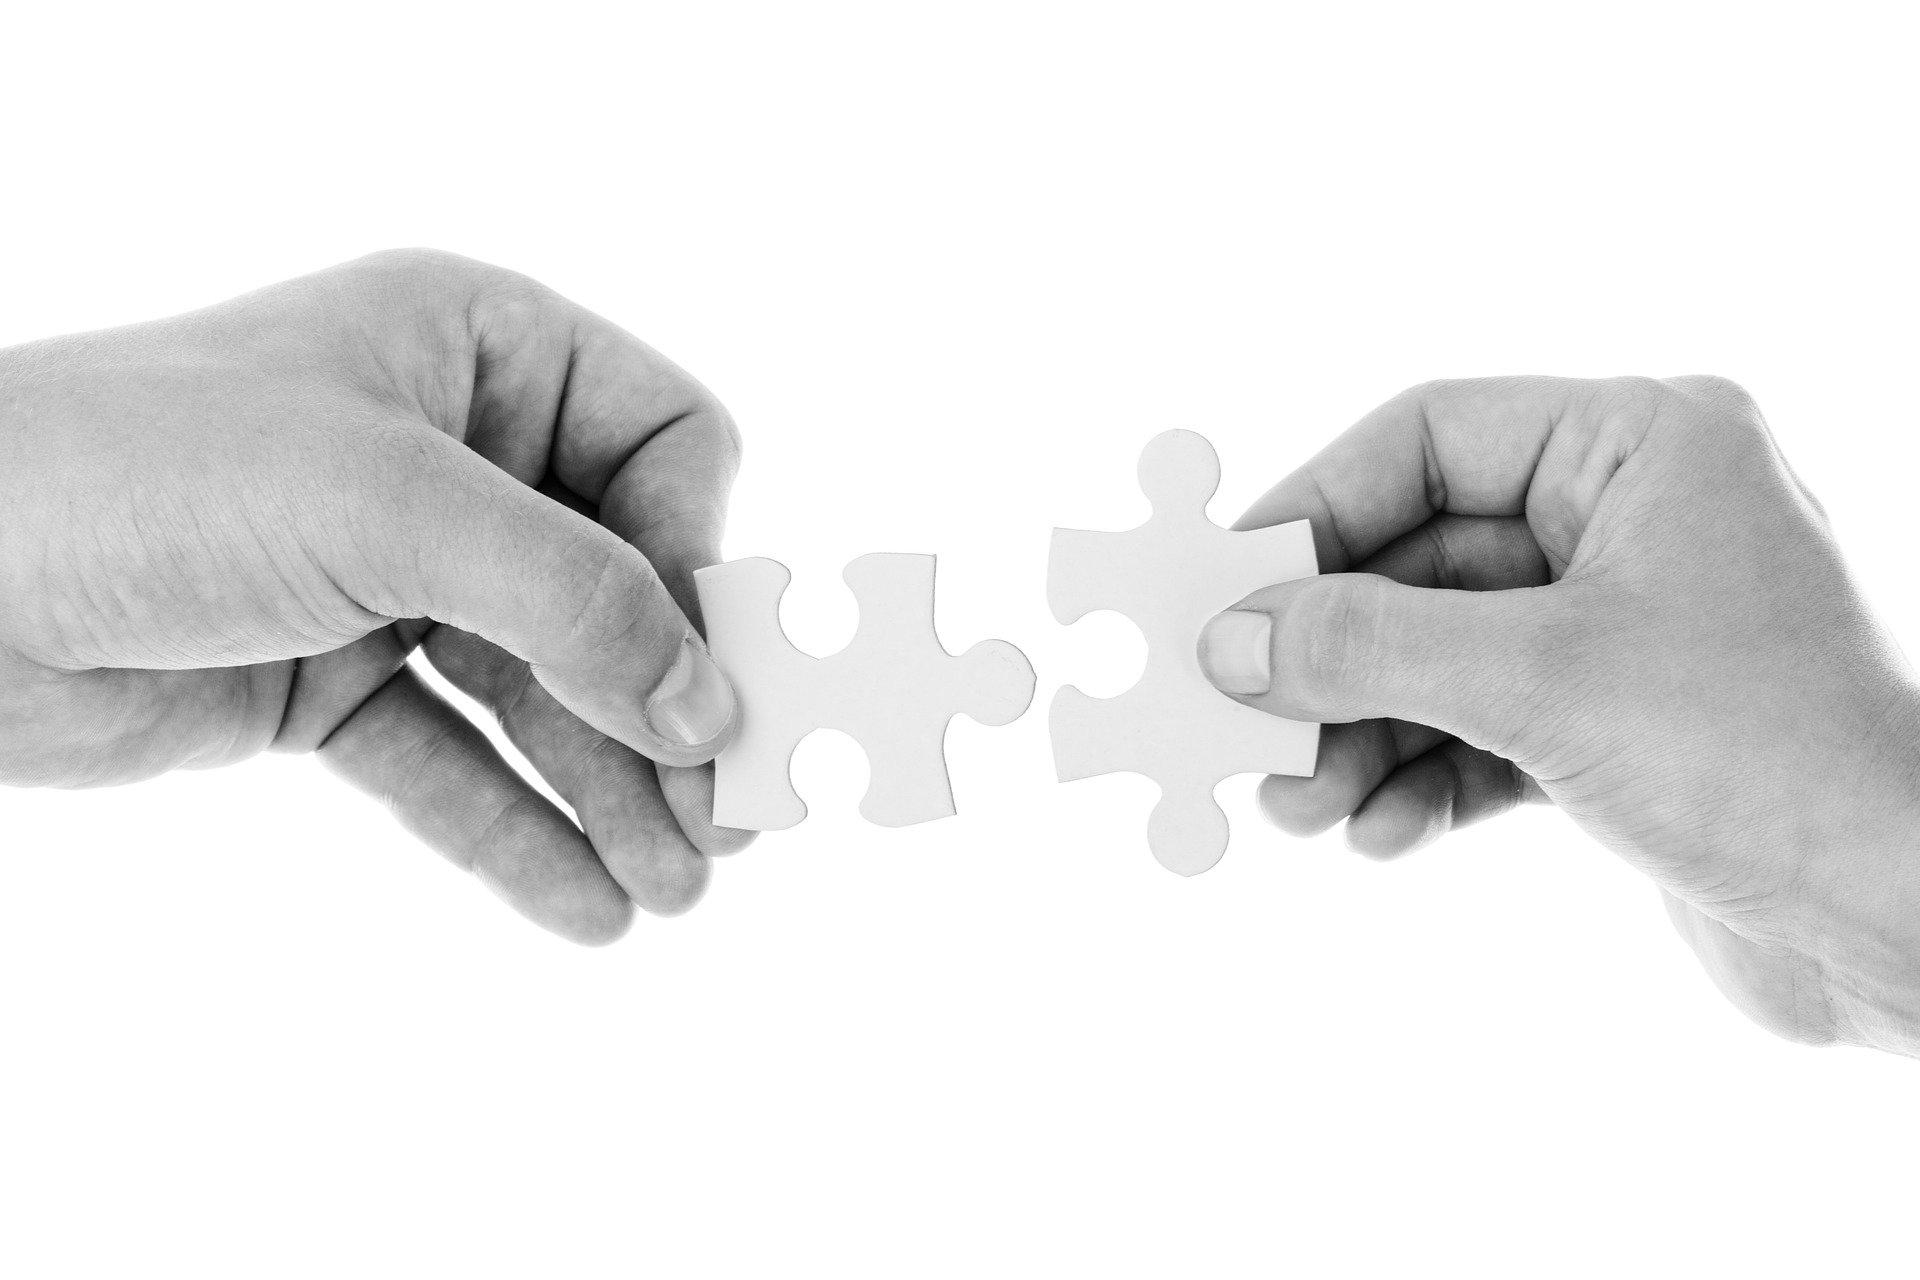 Povezovati ali deliti